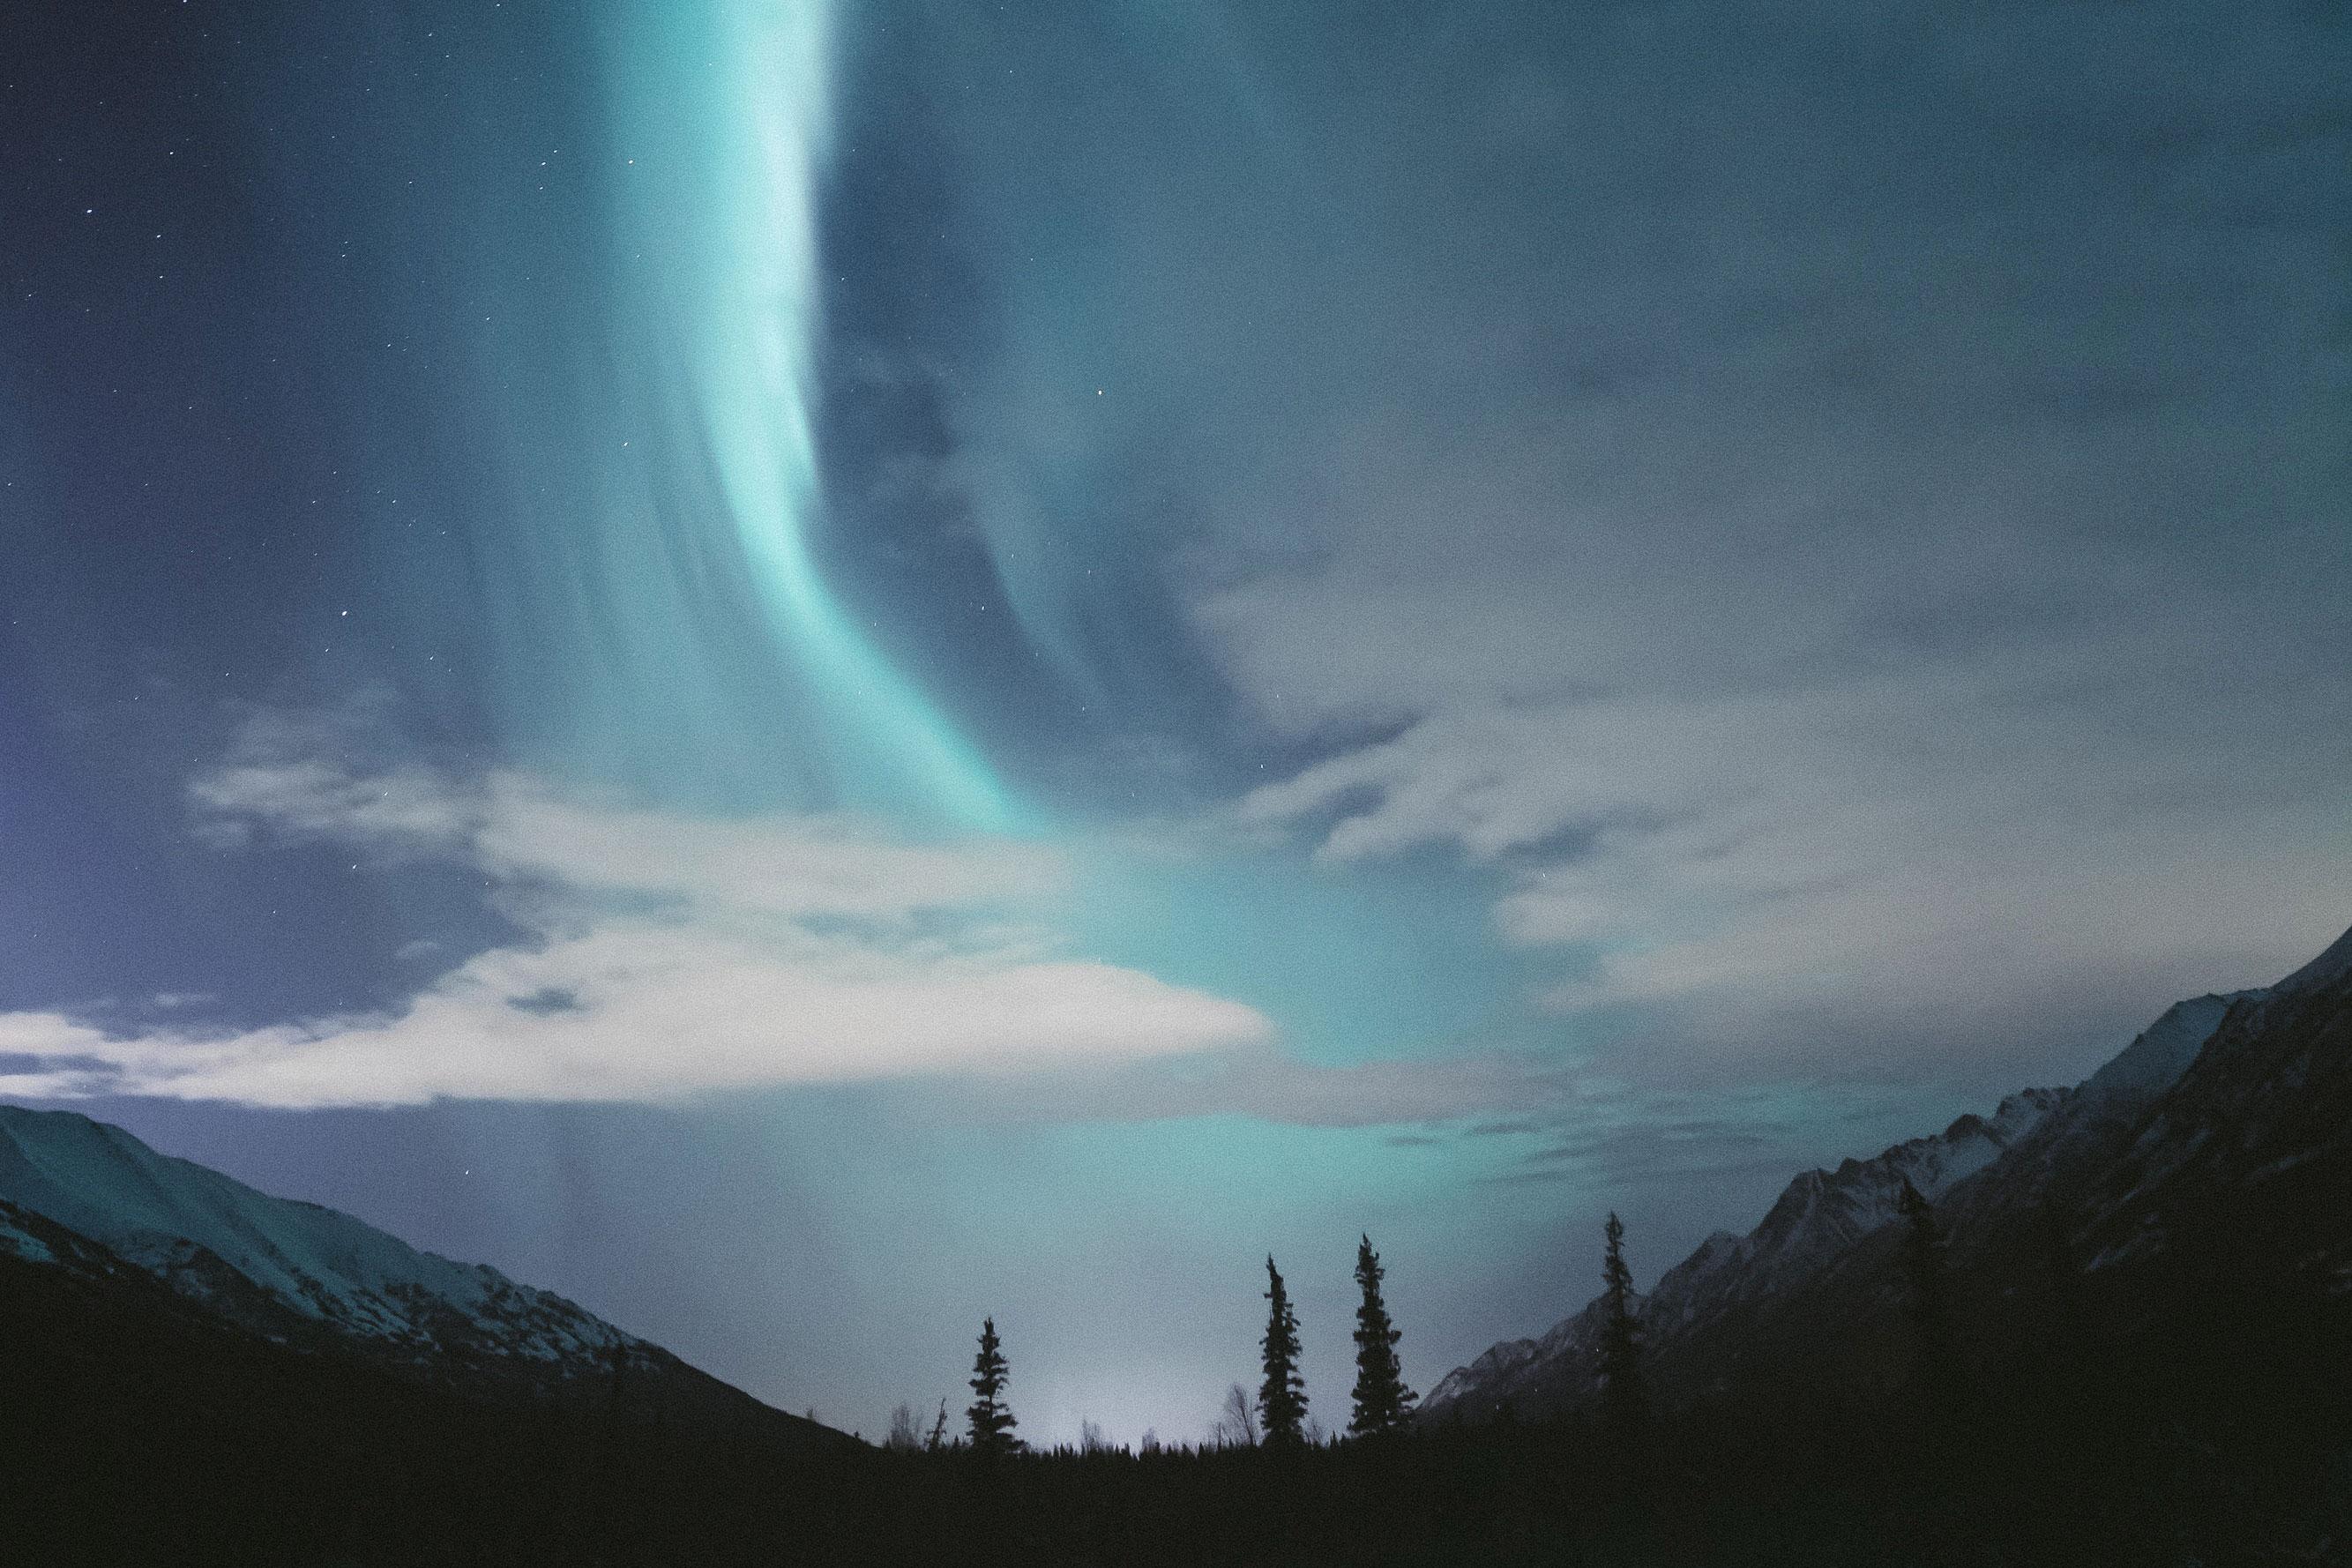 Alaska - Aurore boréale - HB Mertz - Eagle River Nature Center, Anchorage, United States